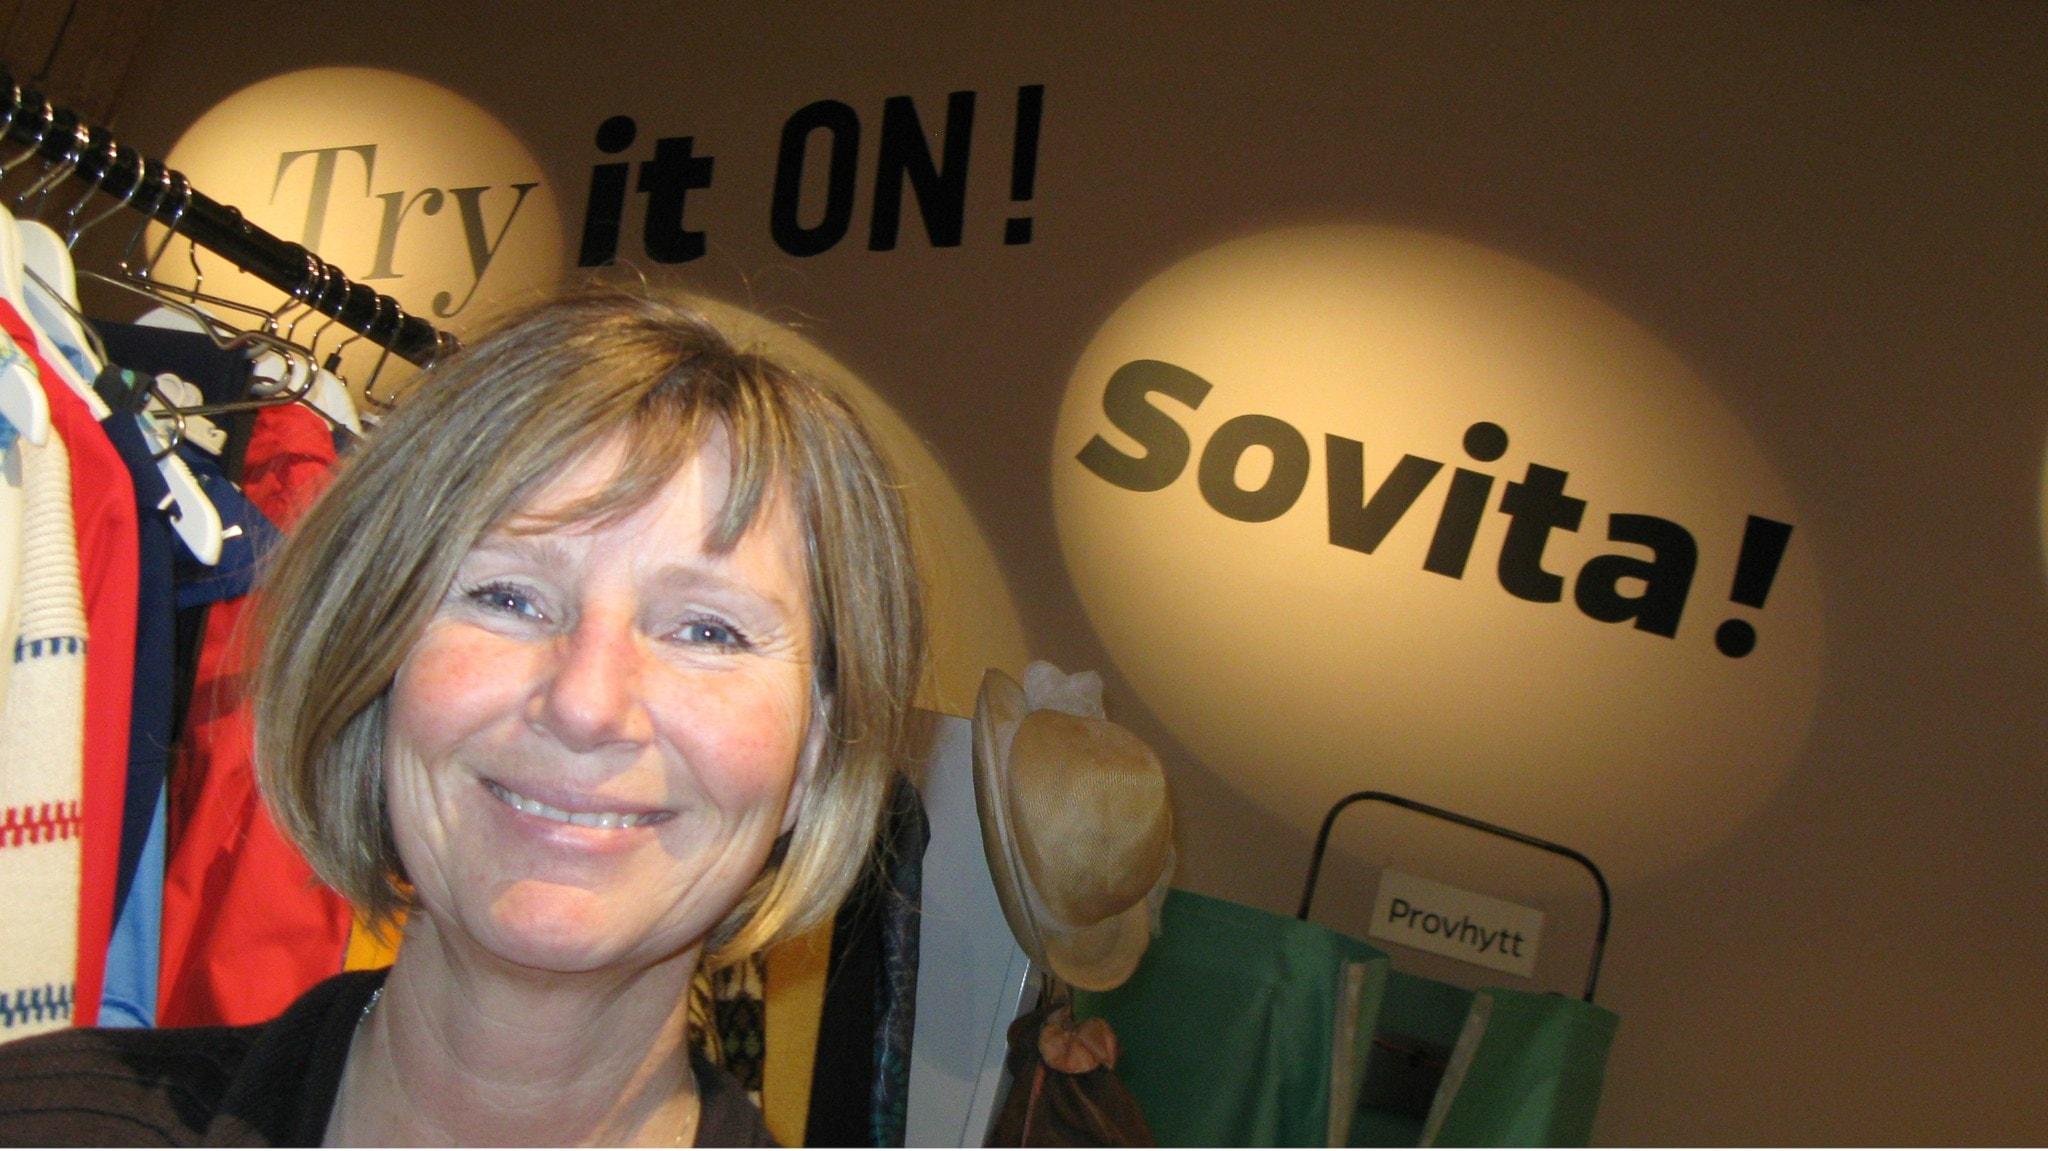 Boråsin uusi tekstiilimuseo esittäytyy myös suomeksi - Suomen kieli Ruotsissa - Sisuradio ...